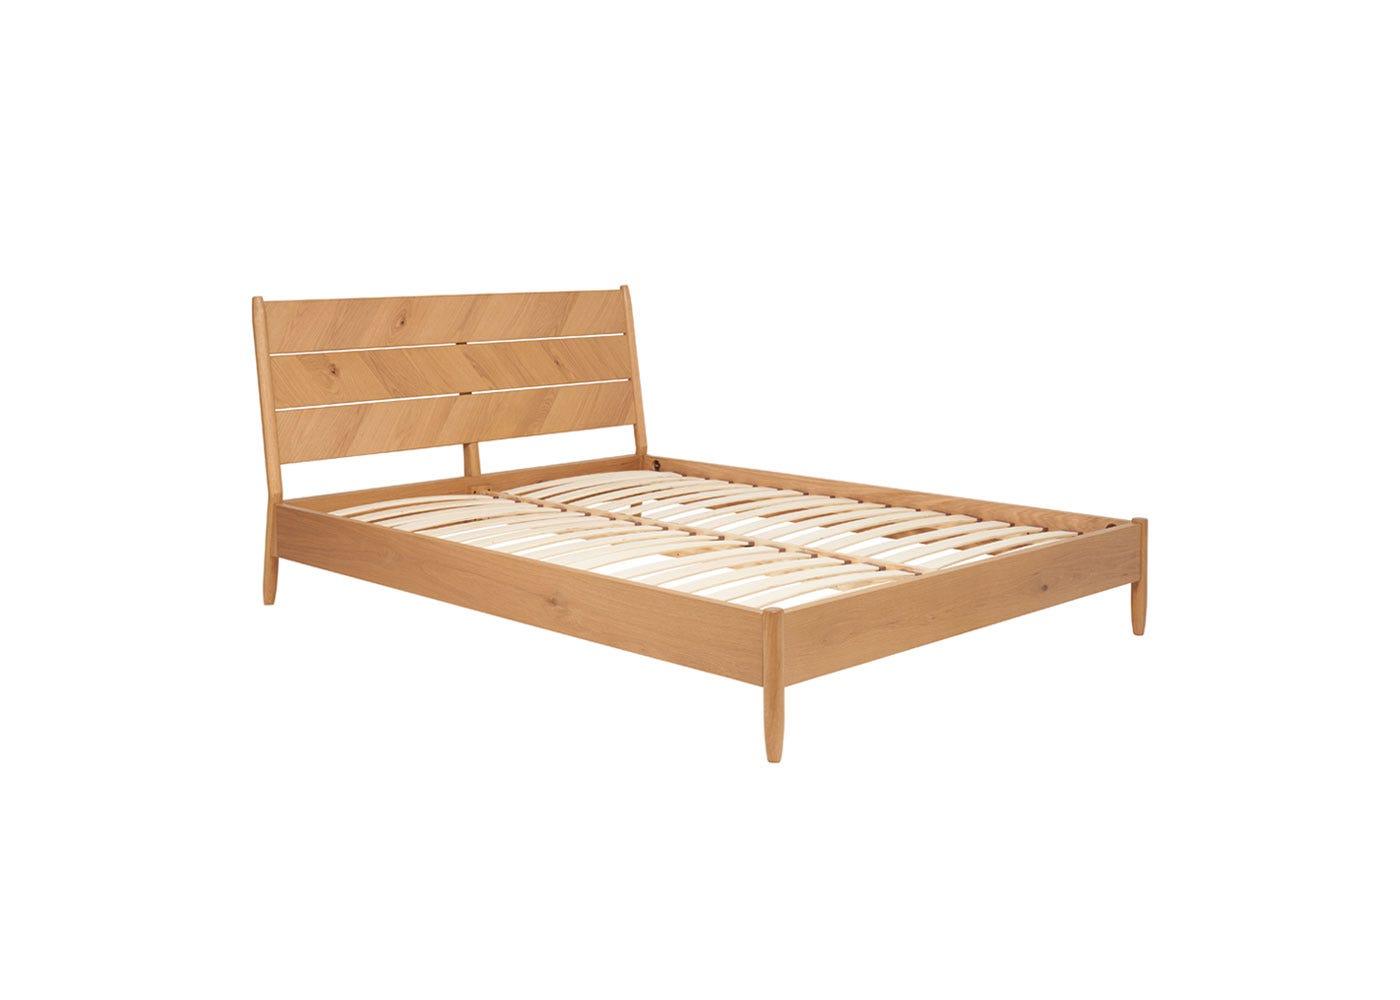 As Shown: Monza Oak Bed